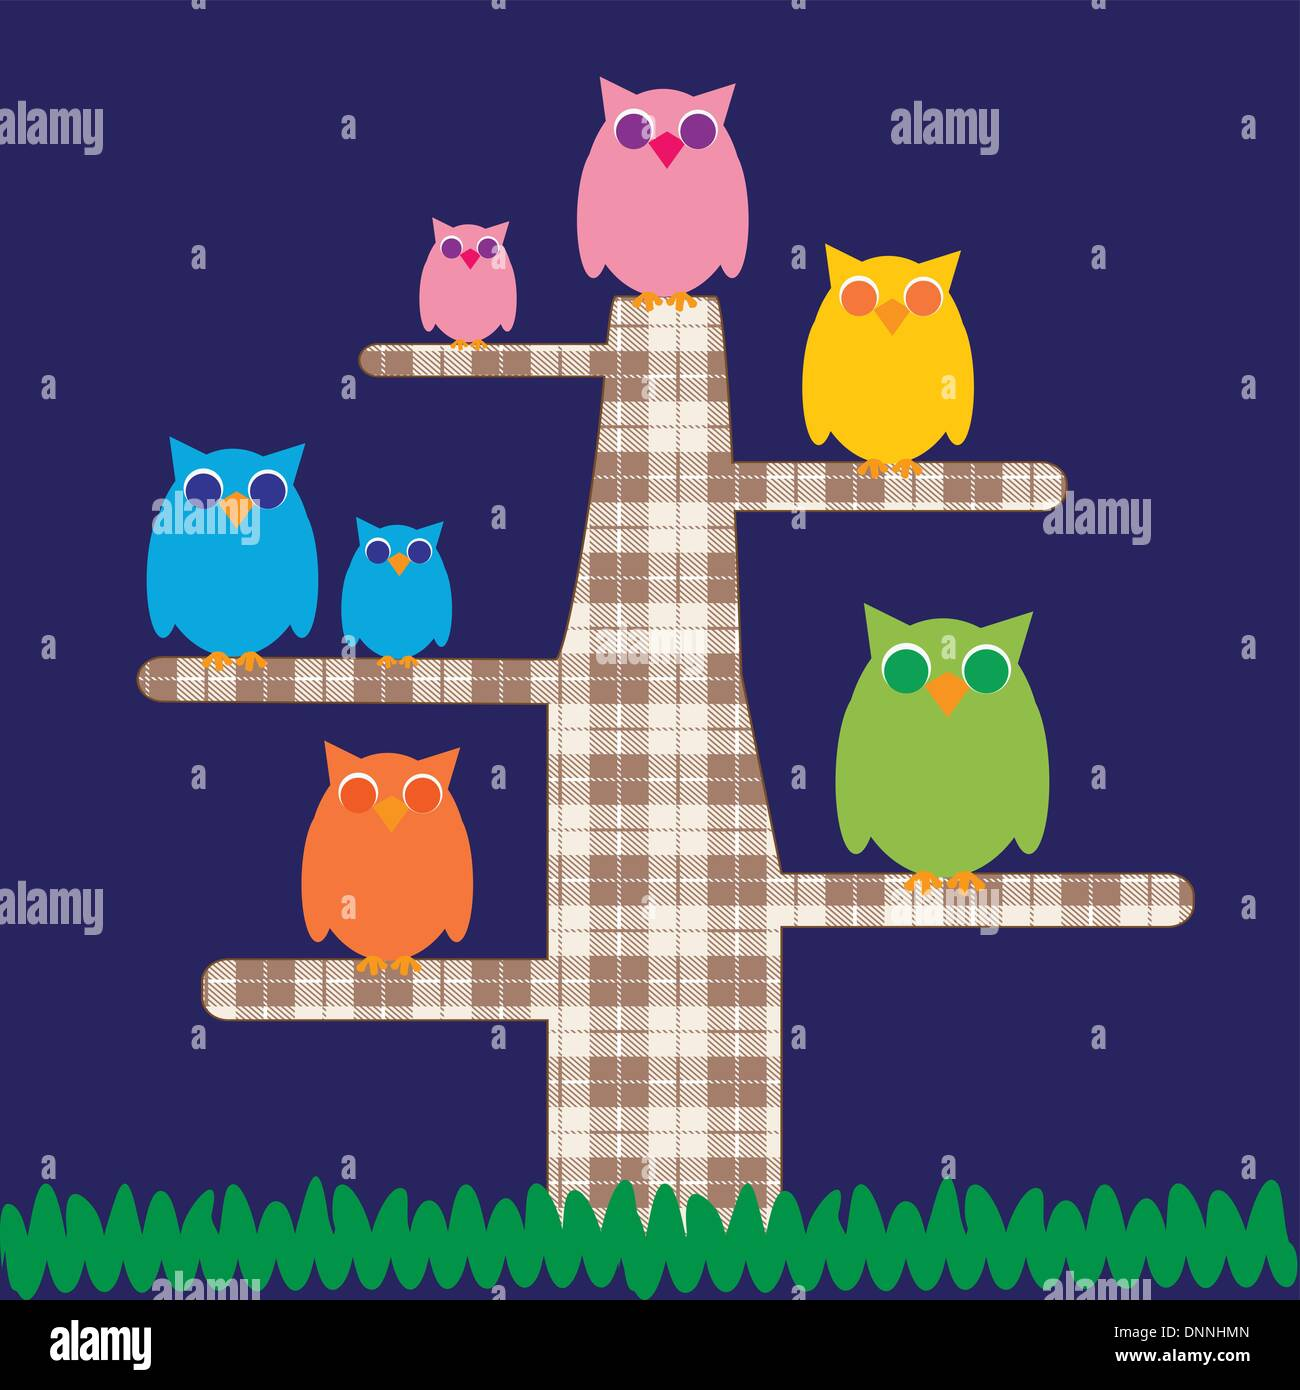 Simpatico cartoon per bambini con struttura ad albero e possiede Immagini Stock